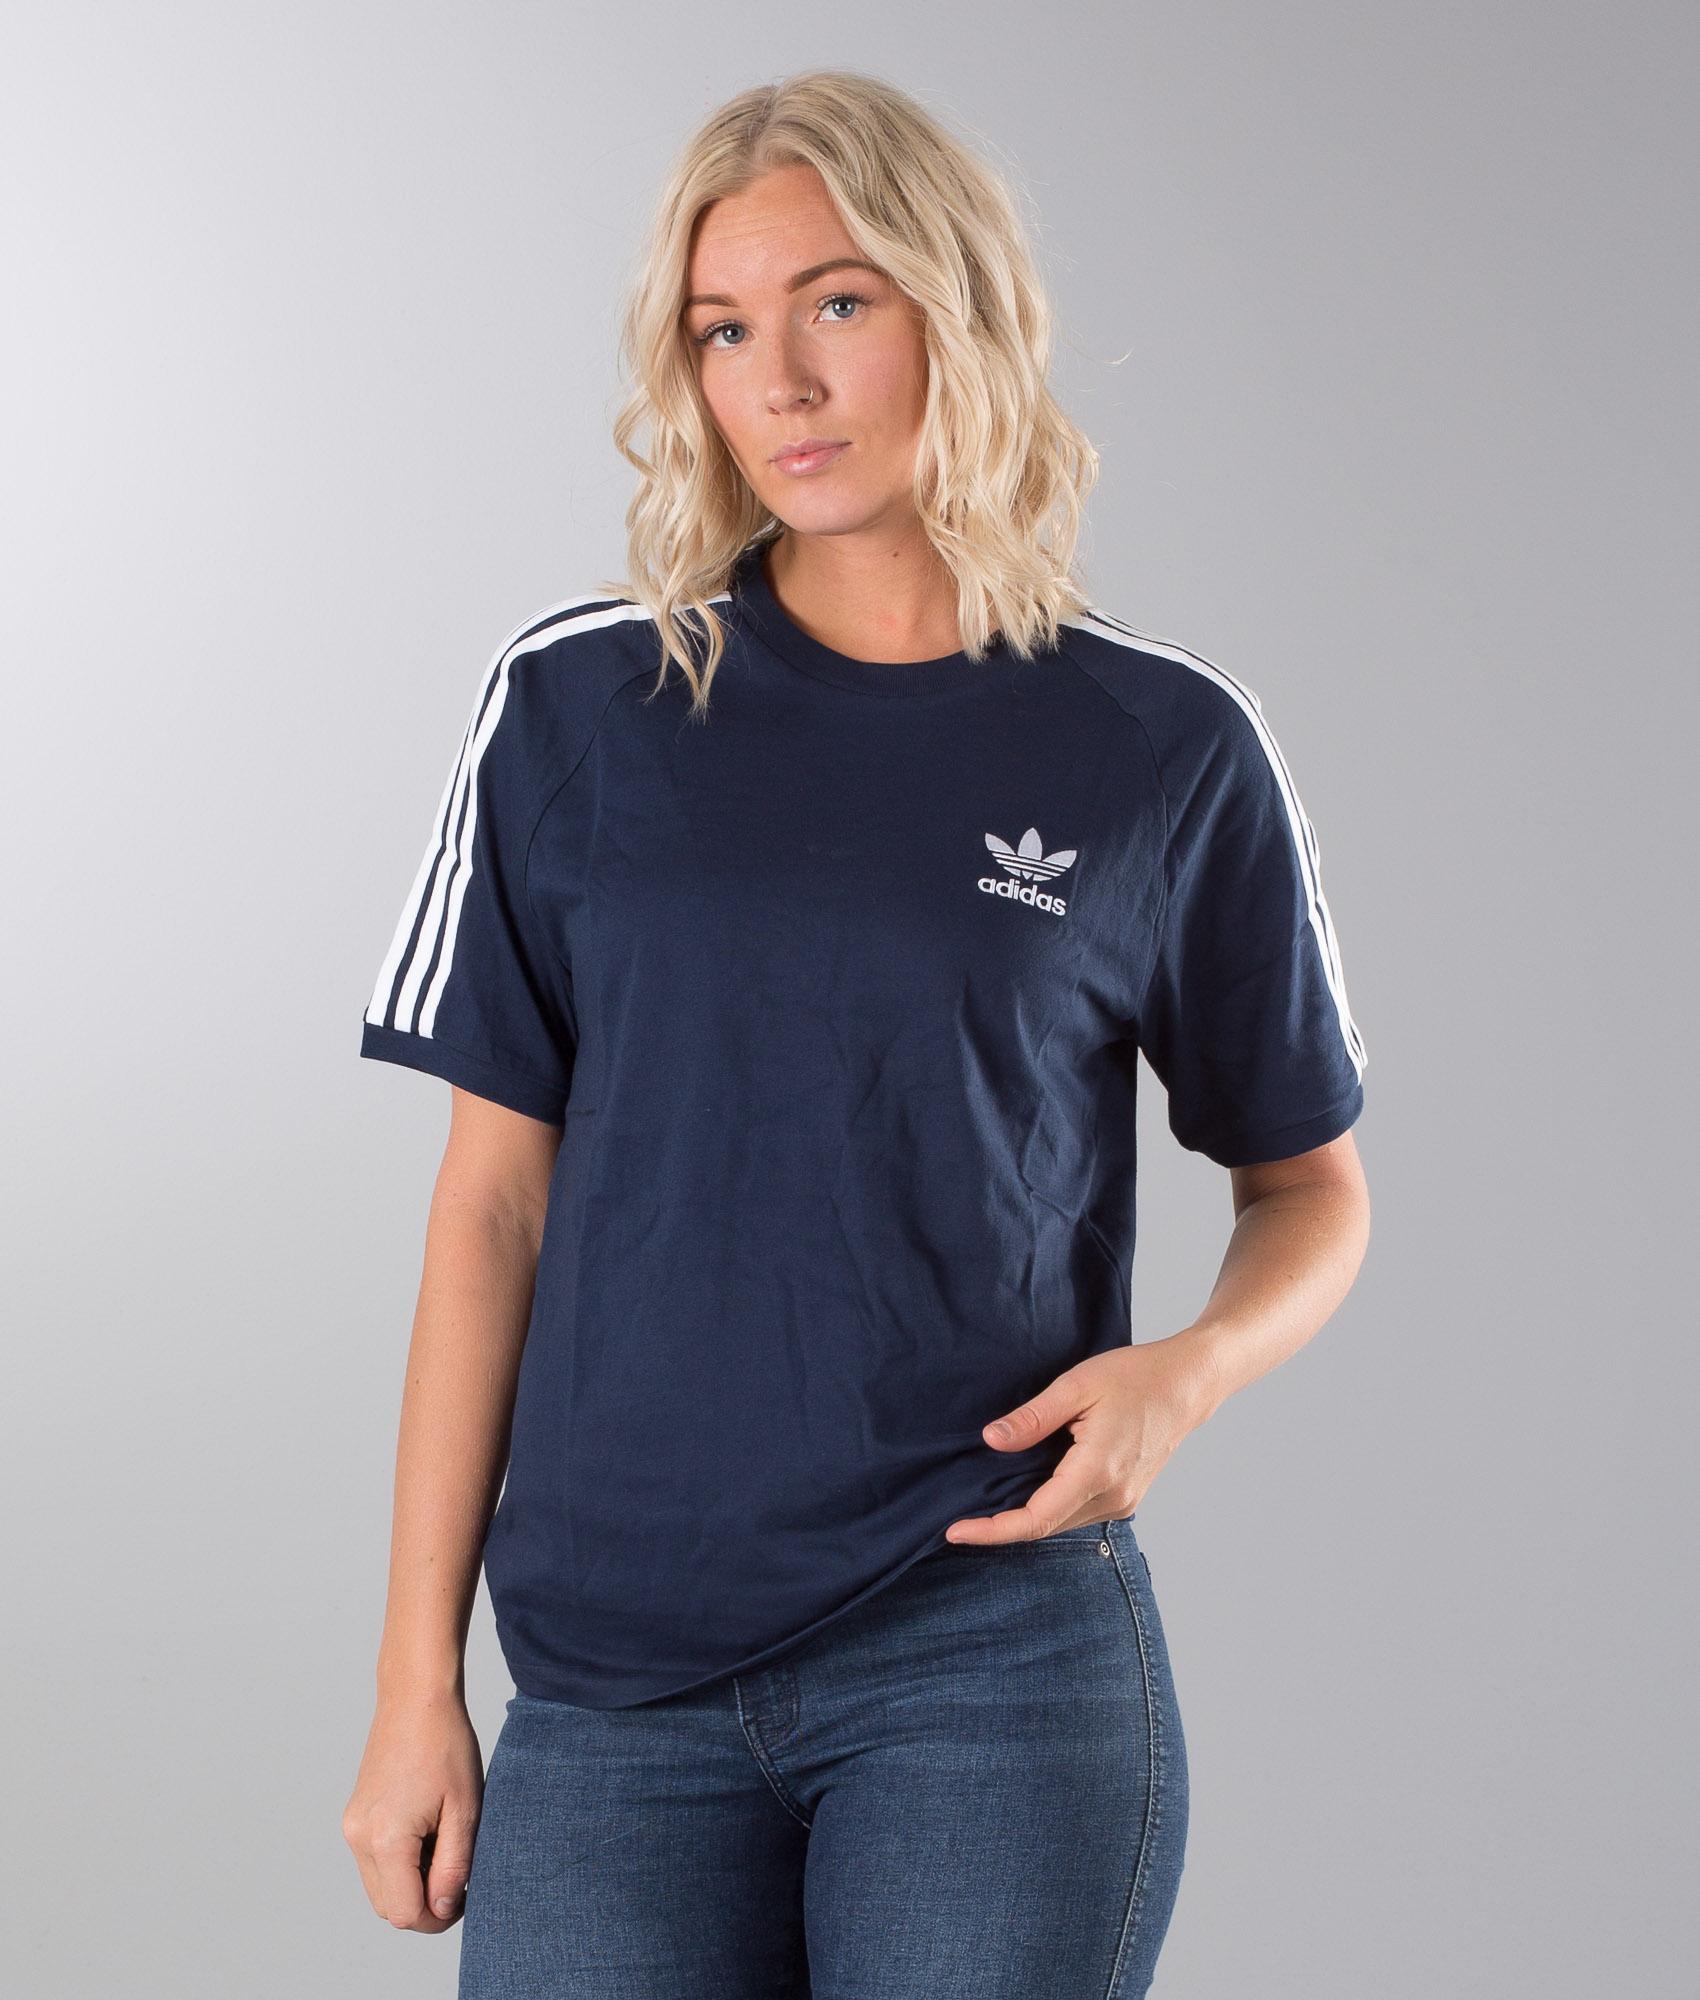 Adidas Originals 3 Stripes Unisex T shirt Collegiate Navy